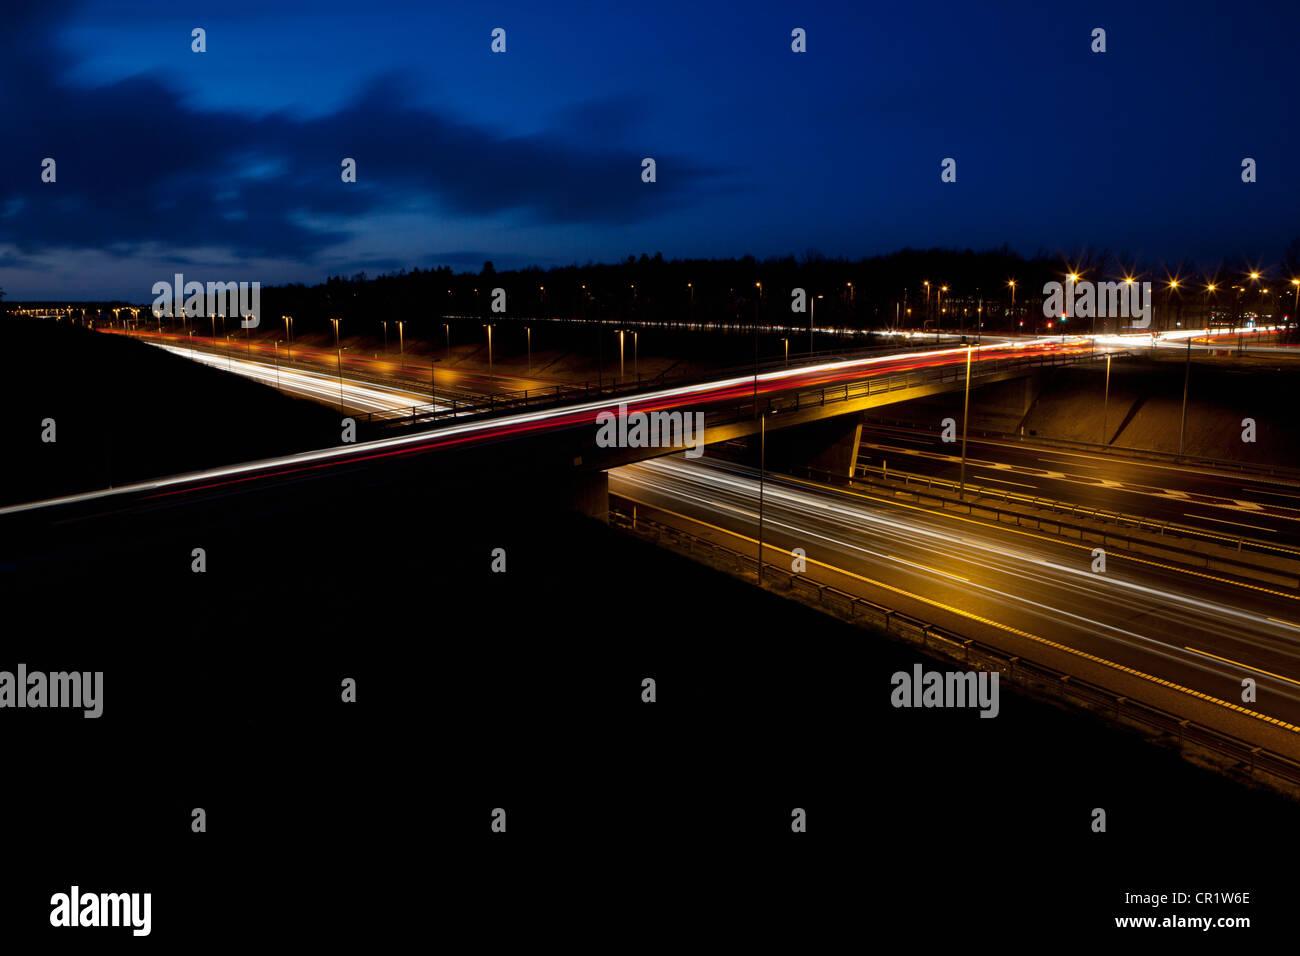 Zeitansicht Ablauf des Verkehrs in der Nacht Stockbild